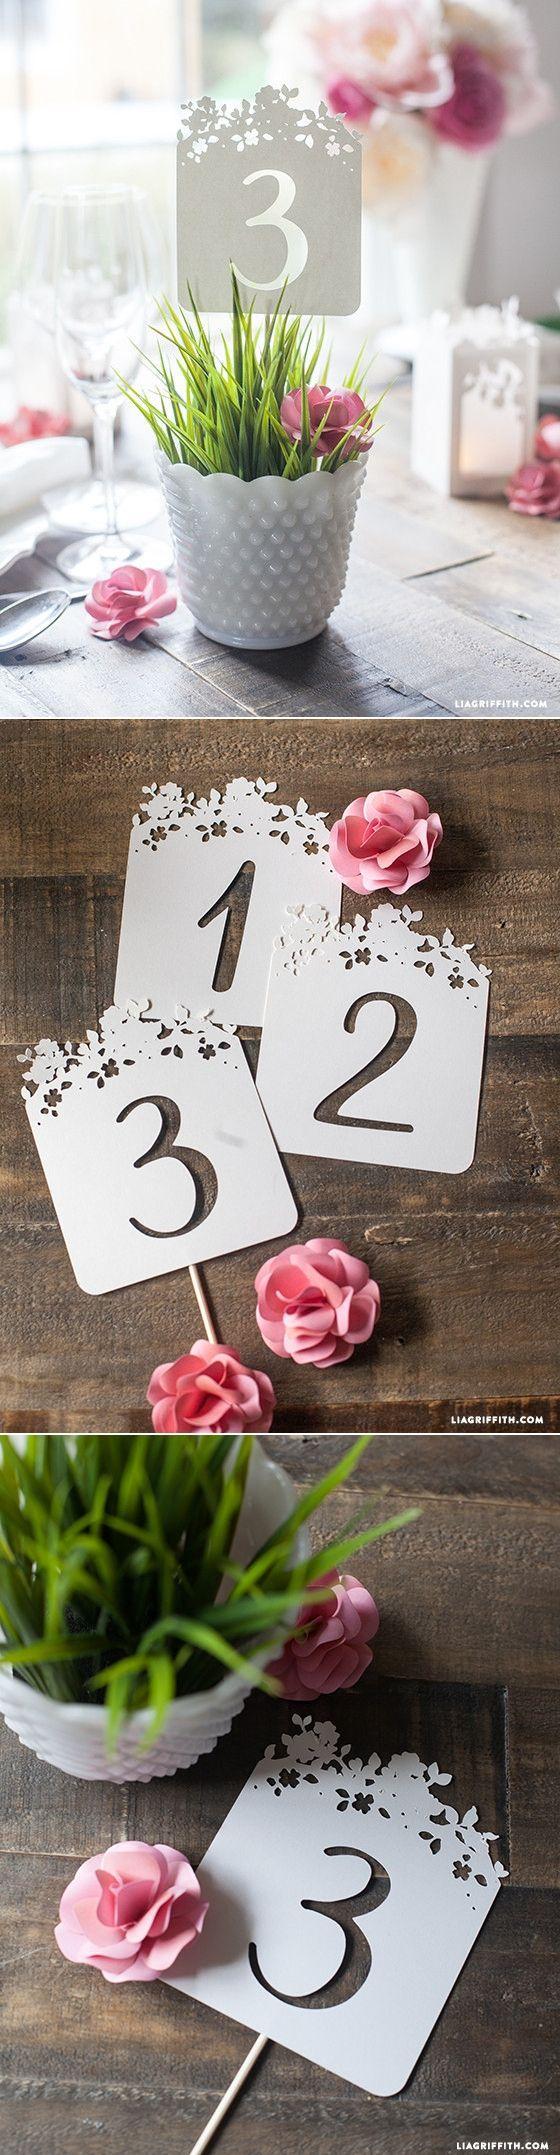 زفاف - DIY Wedding Table Numbers